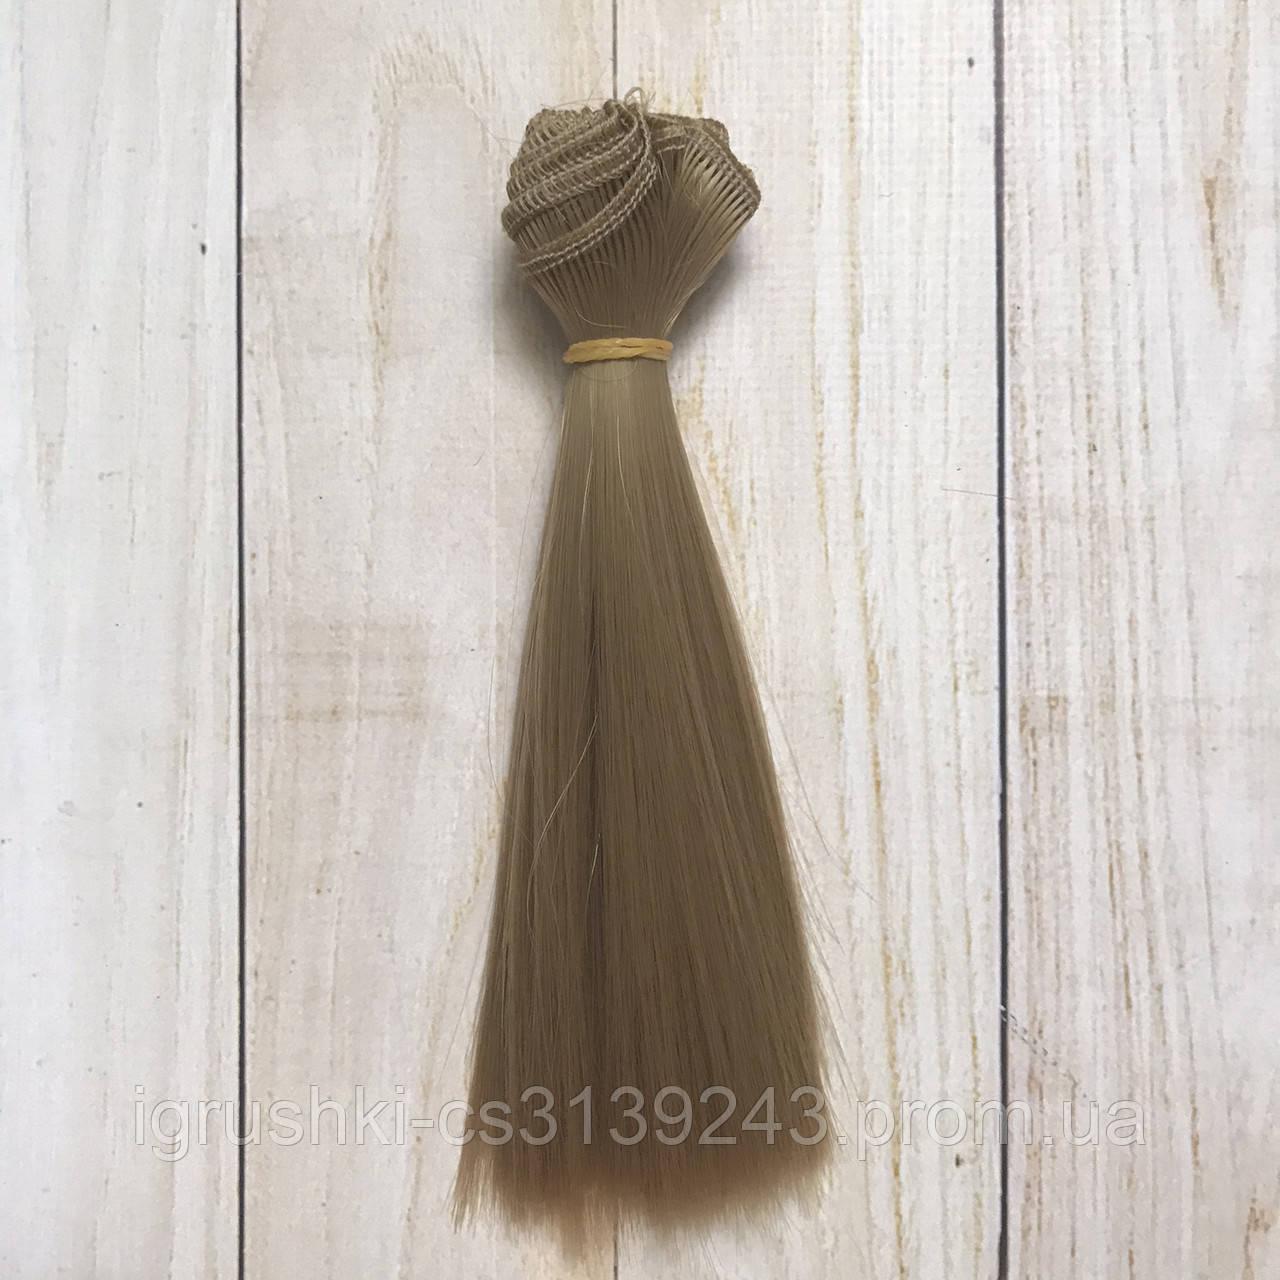 Волосы для кукол (трессы) 15 * 100 см Цвет 59